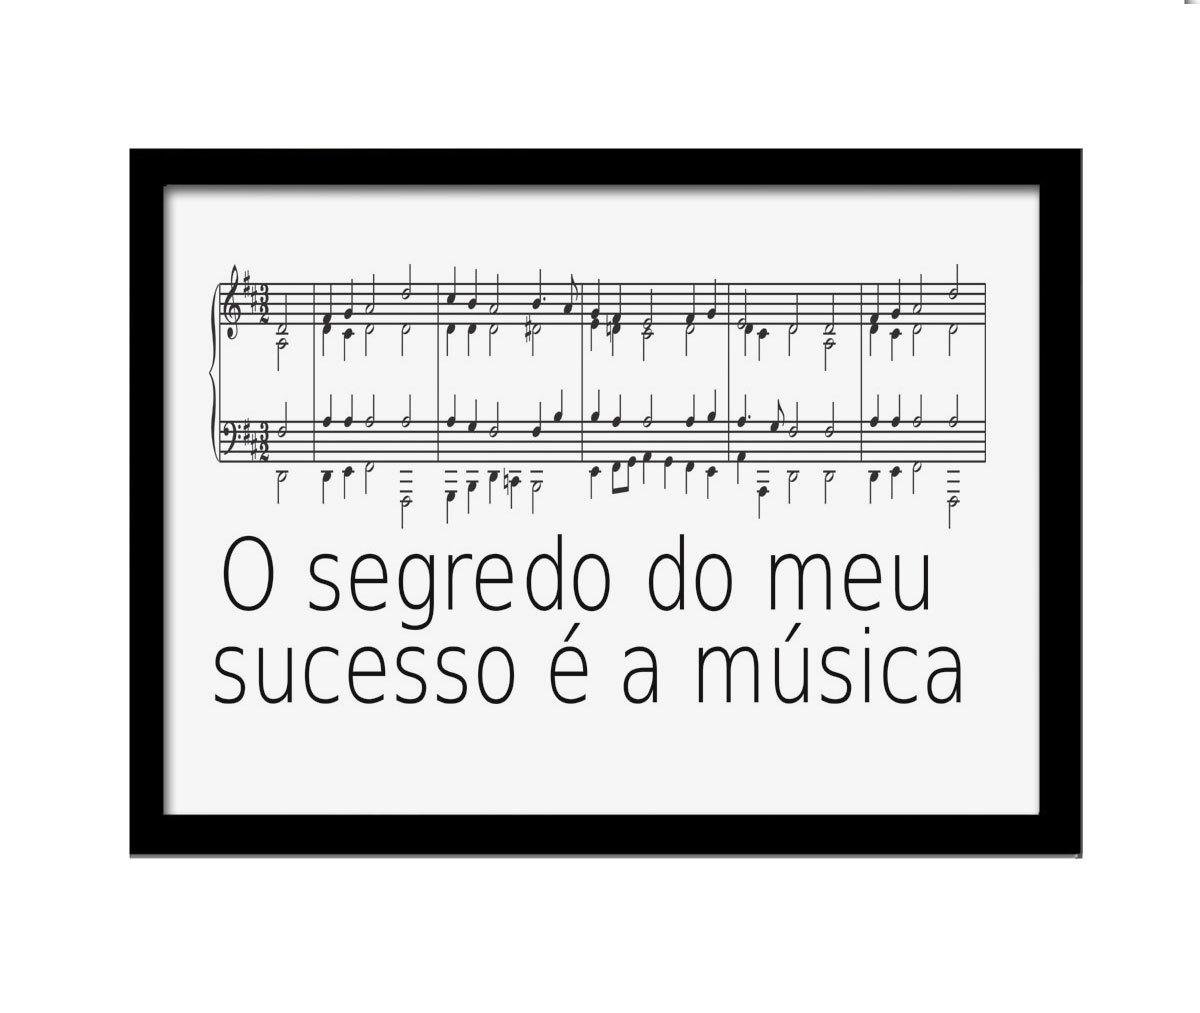 Quadro MDF Sucesso Música 33x25cm Moldura Preto